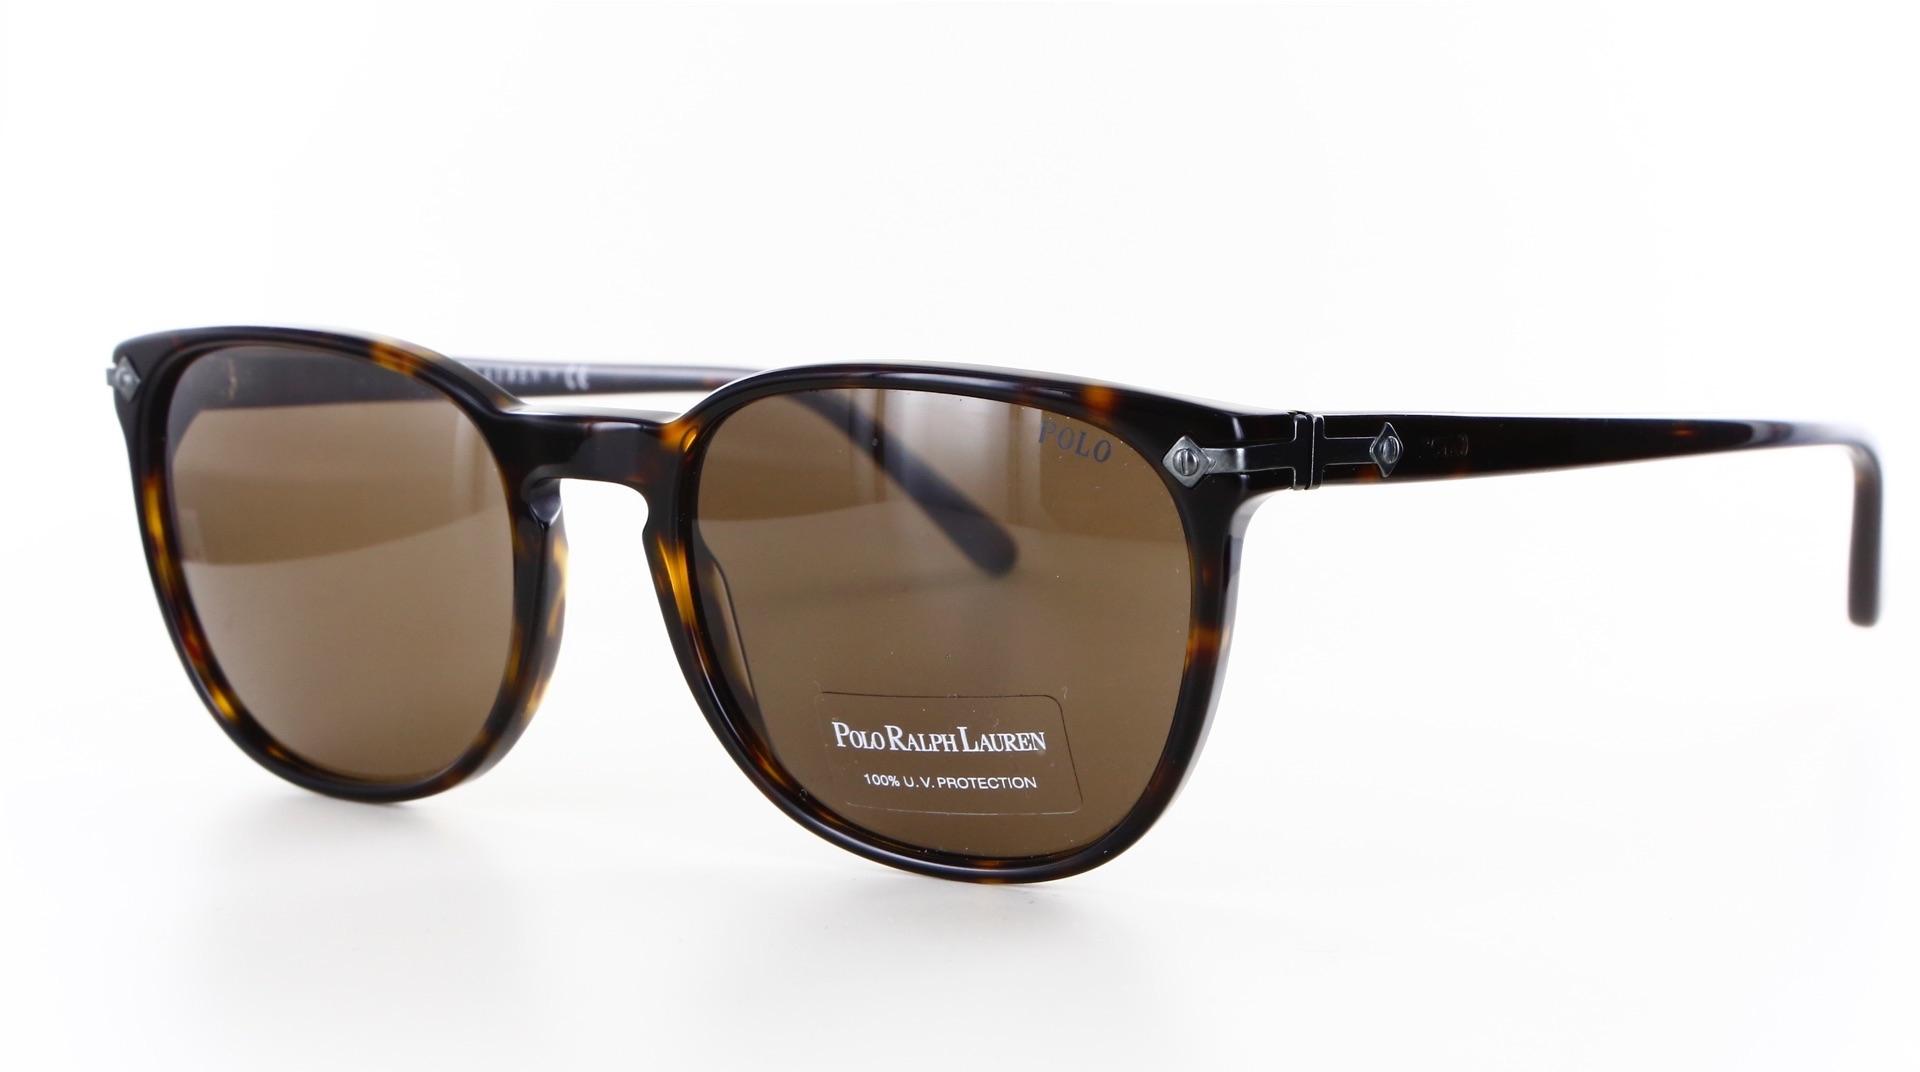 Polo Ralph Lauren - ref: 74511